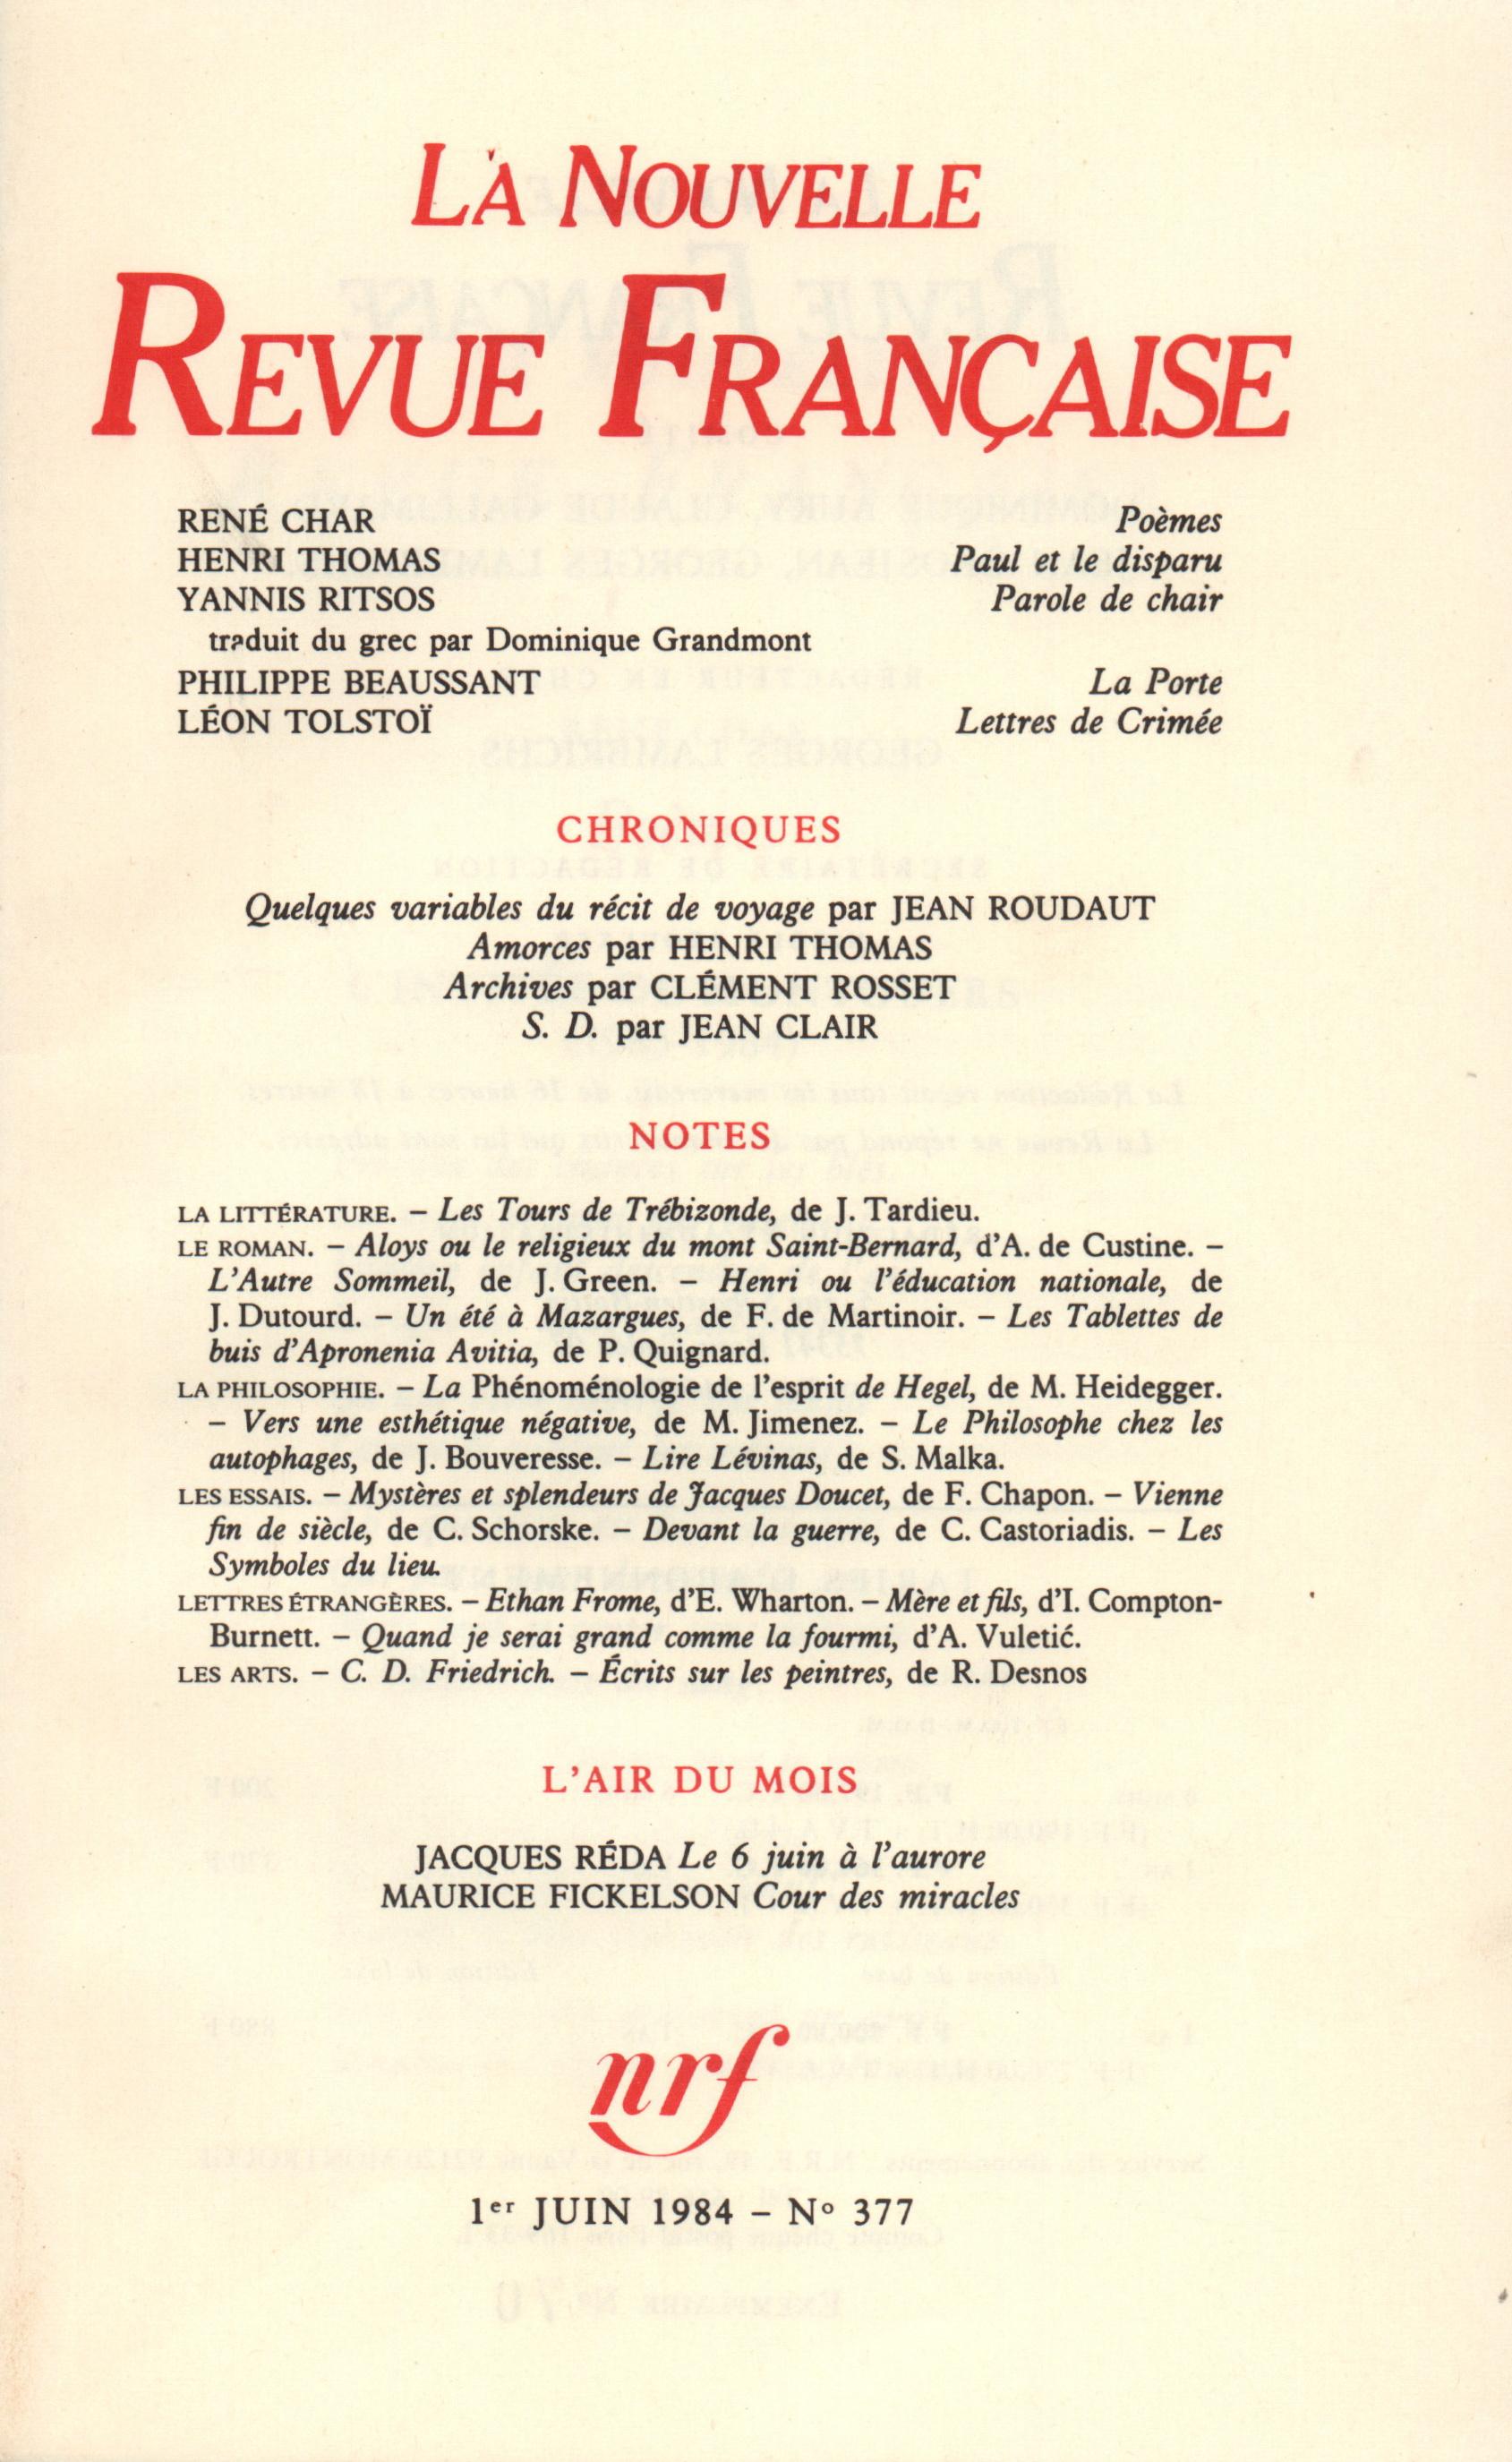 La Nouvelle Revue Française N° 377